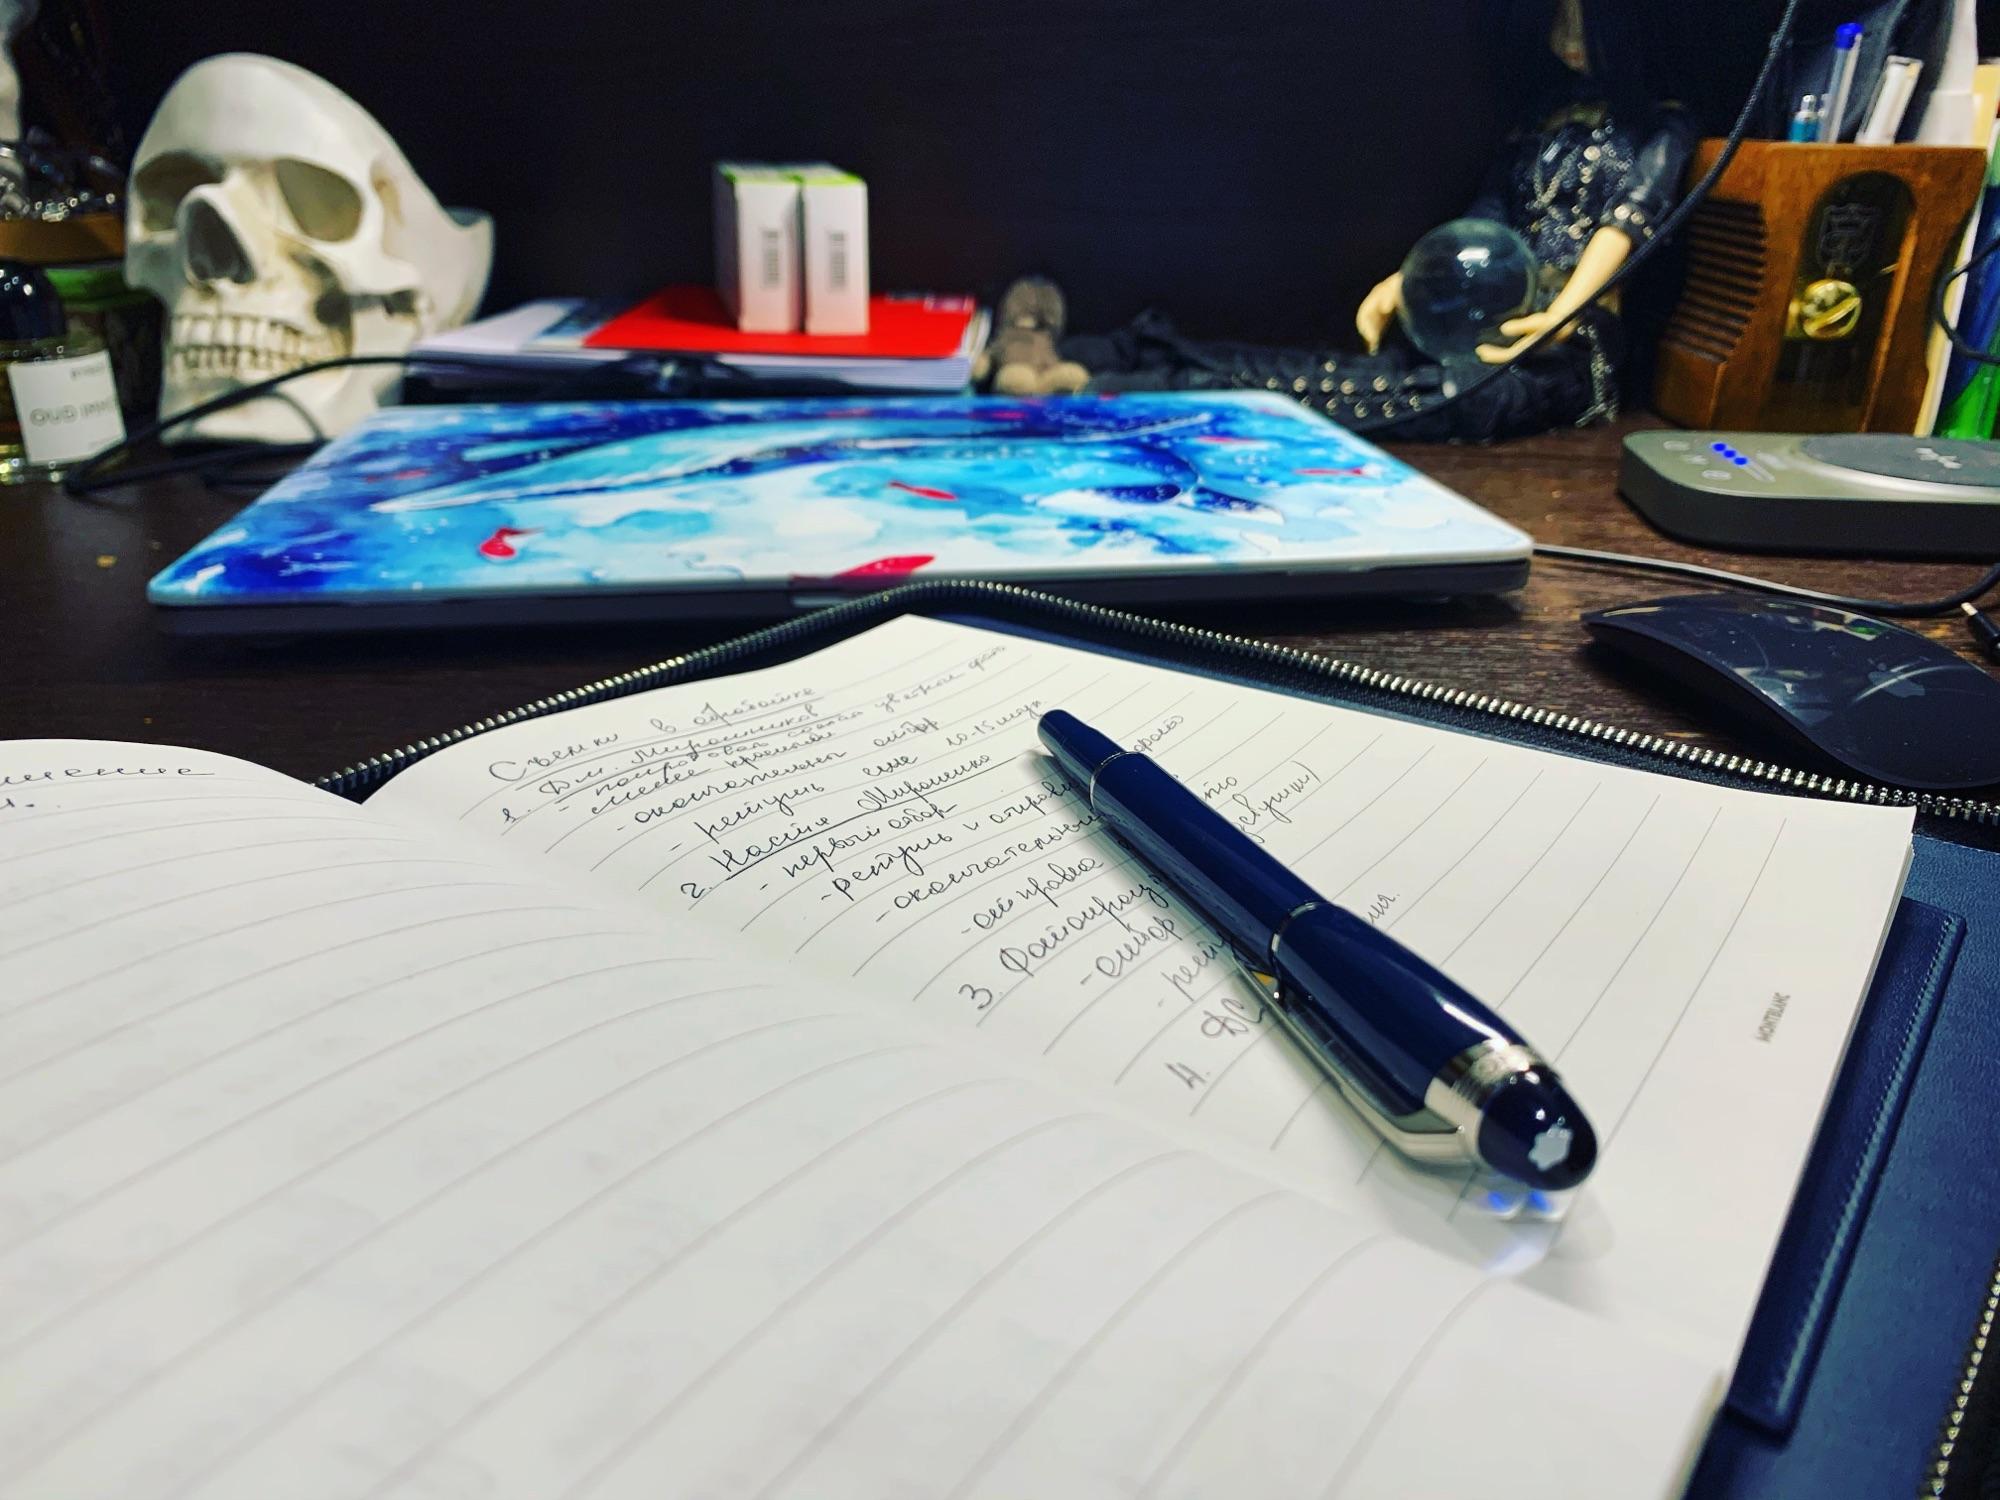 Рабочее. Собственно даже не работаю, а планы по работе составляю 🤦♀️ да. На этот год 🤦♀️ #фотодневникэмоций #100фотонастроениедня 69/100